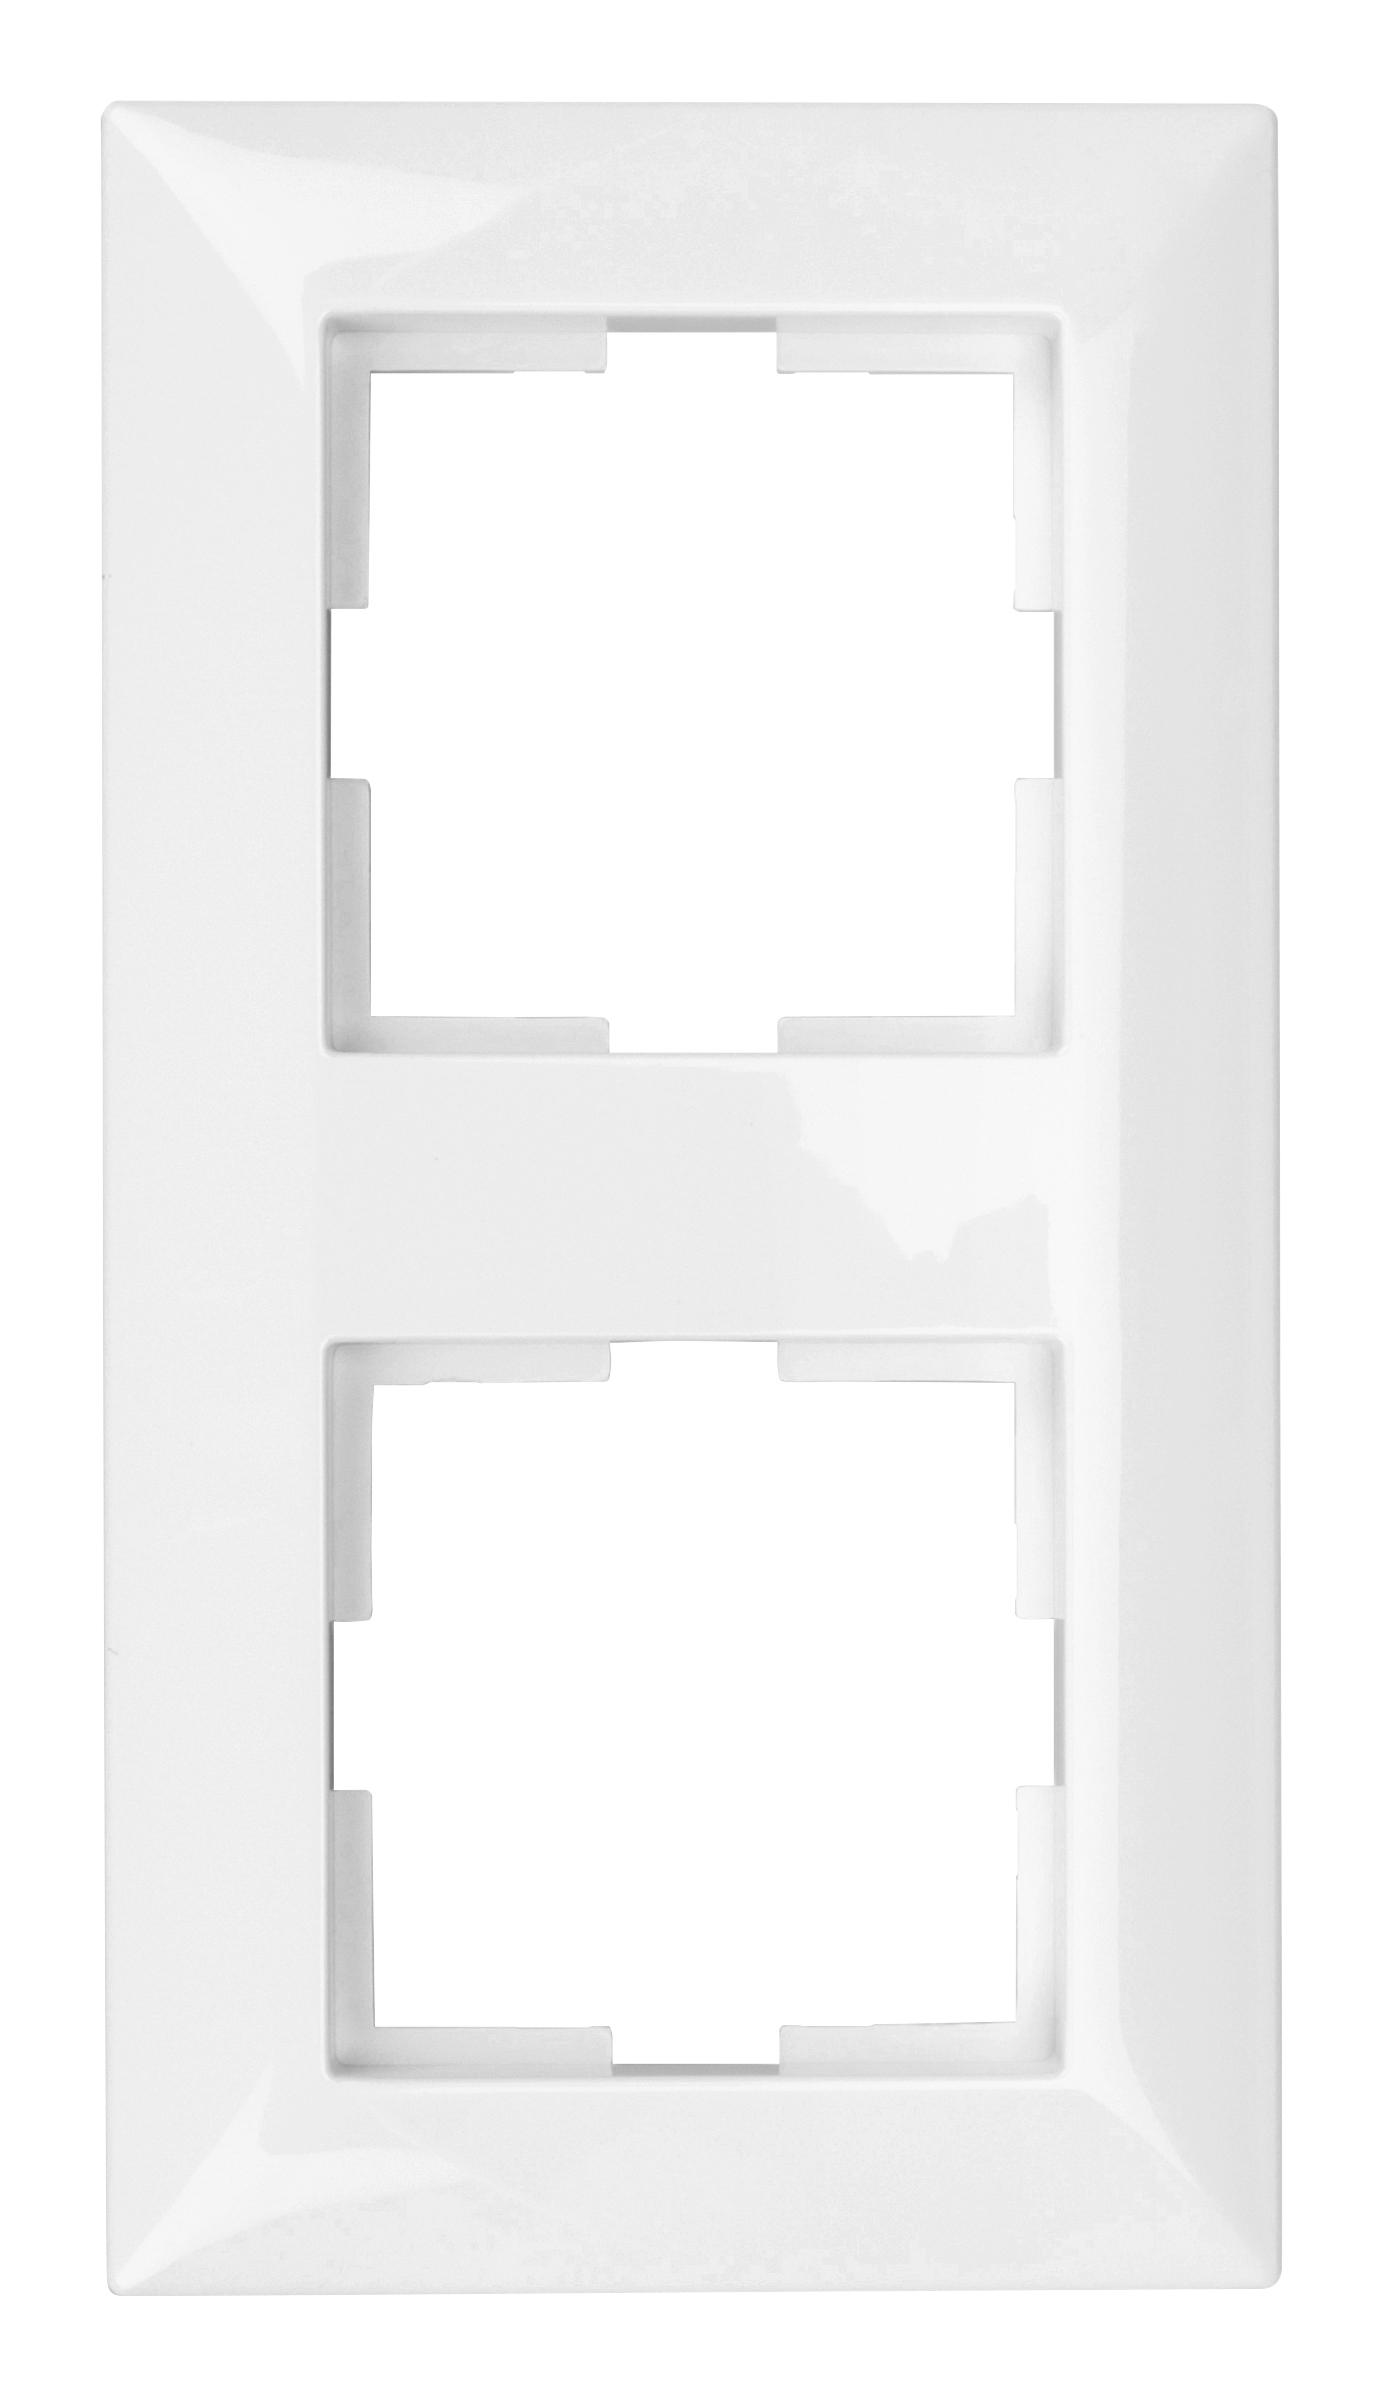 1 Stk Rahmen 2-fach, weiss EV105002--